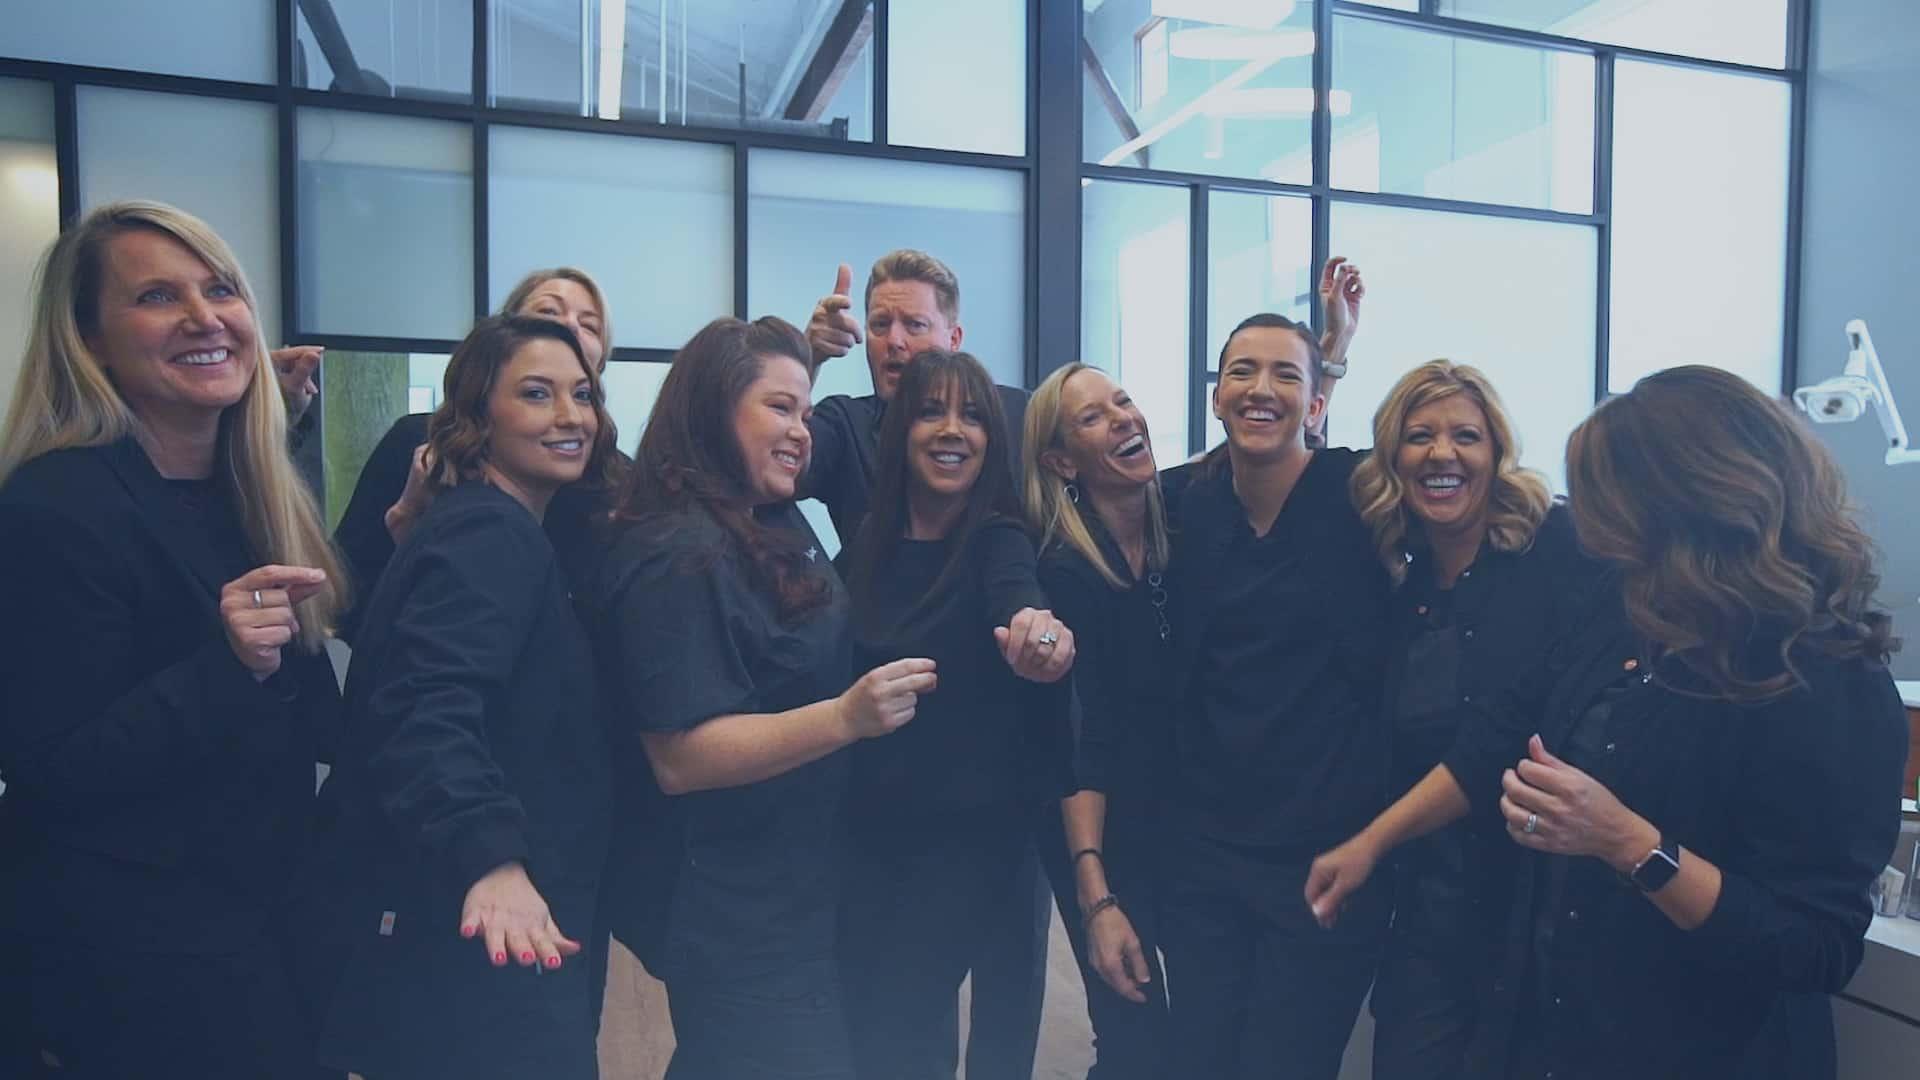 Dat Staff Header 1 - Meet Our Team!